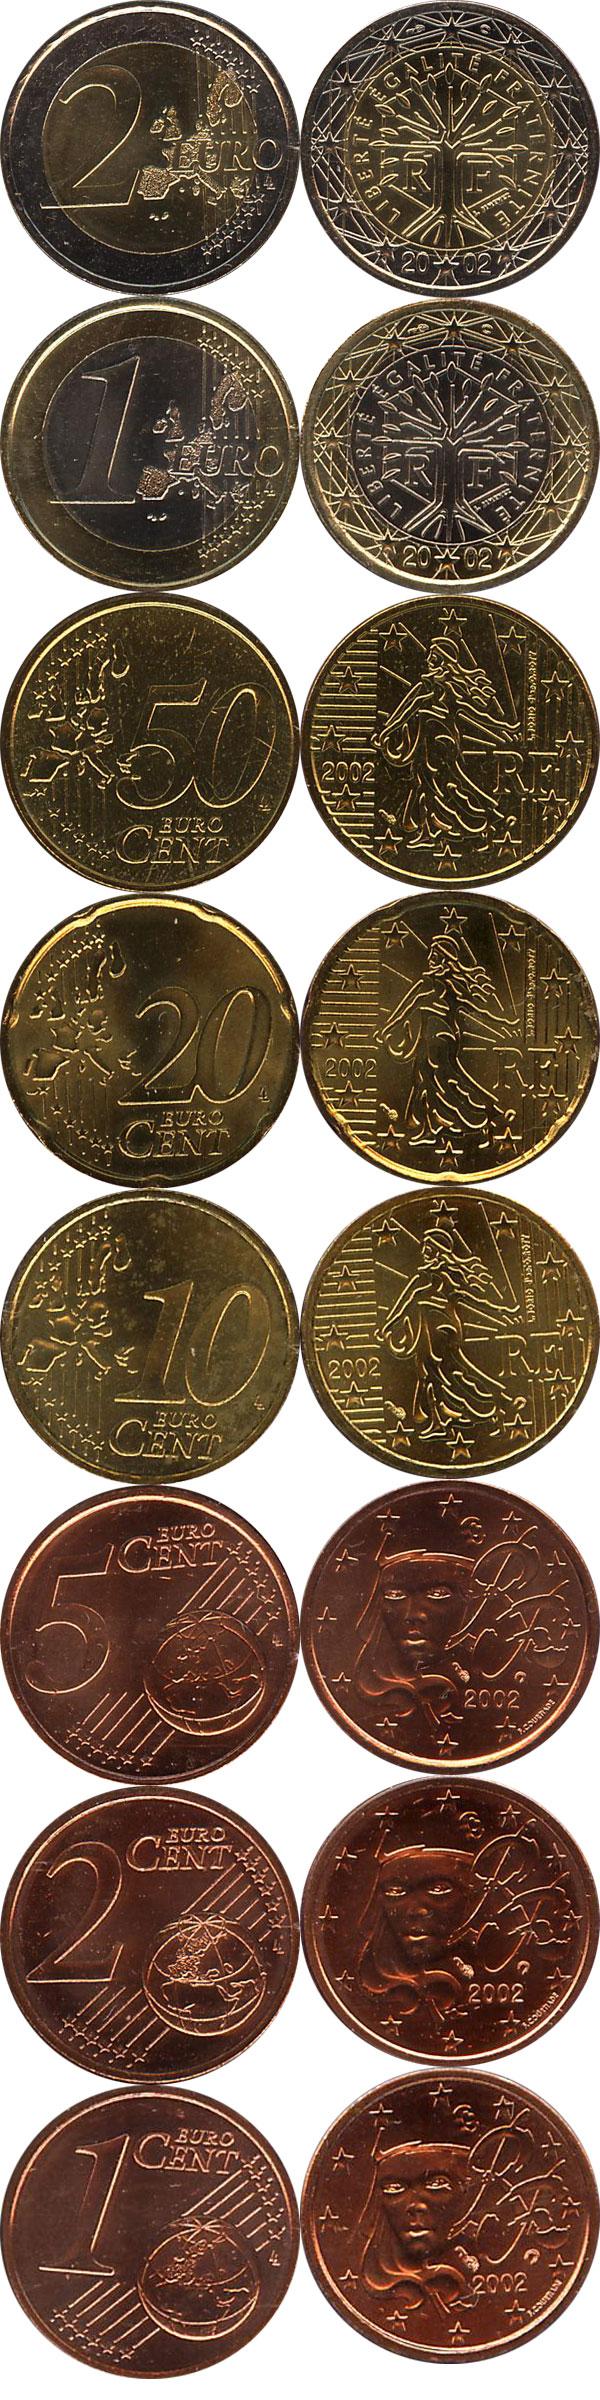 Картинка Подарочные монеты Франция Евронабор 2002 года  2002